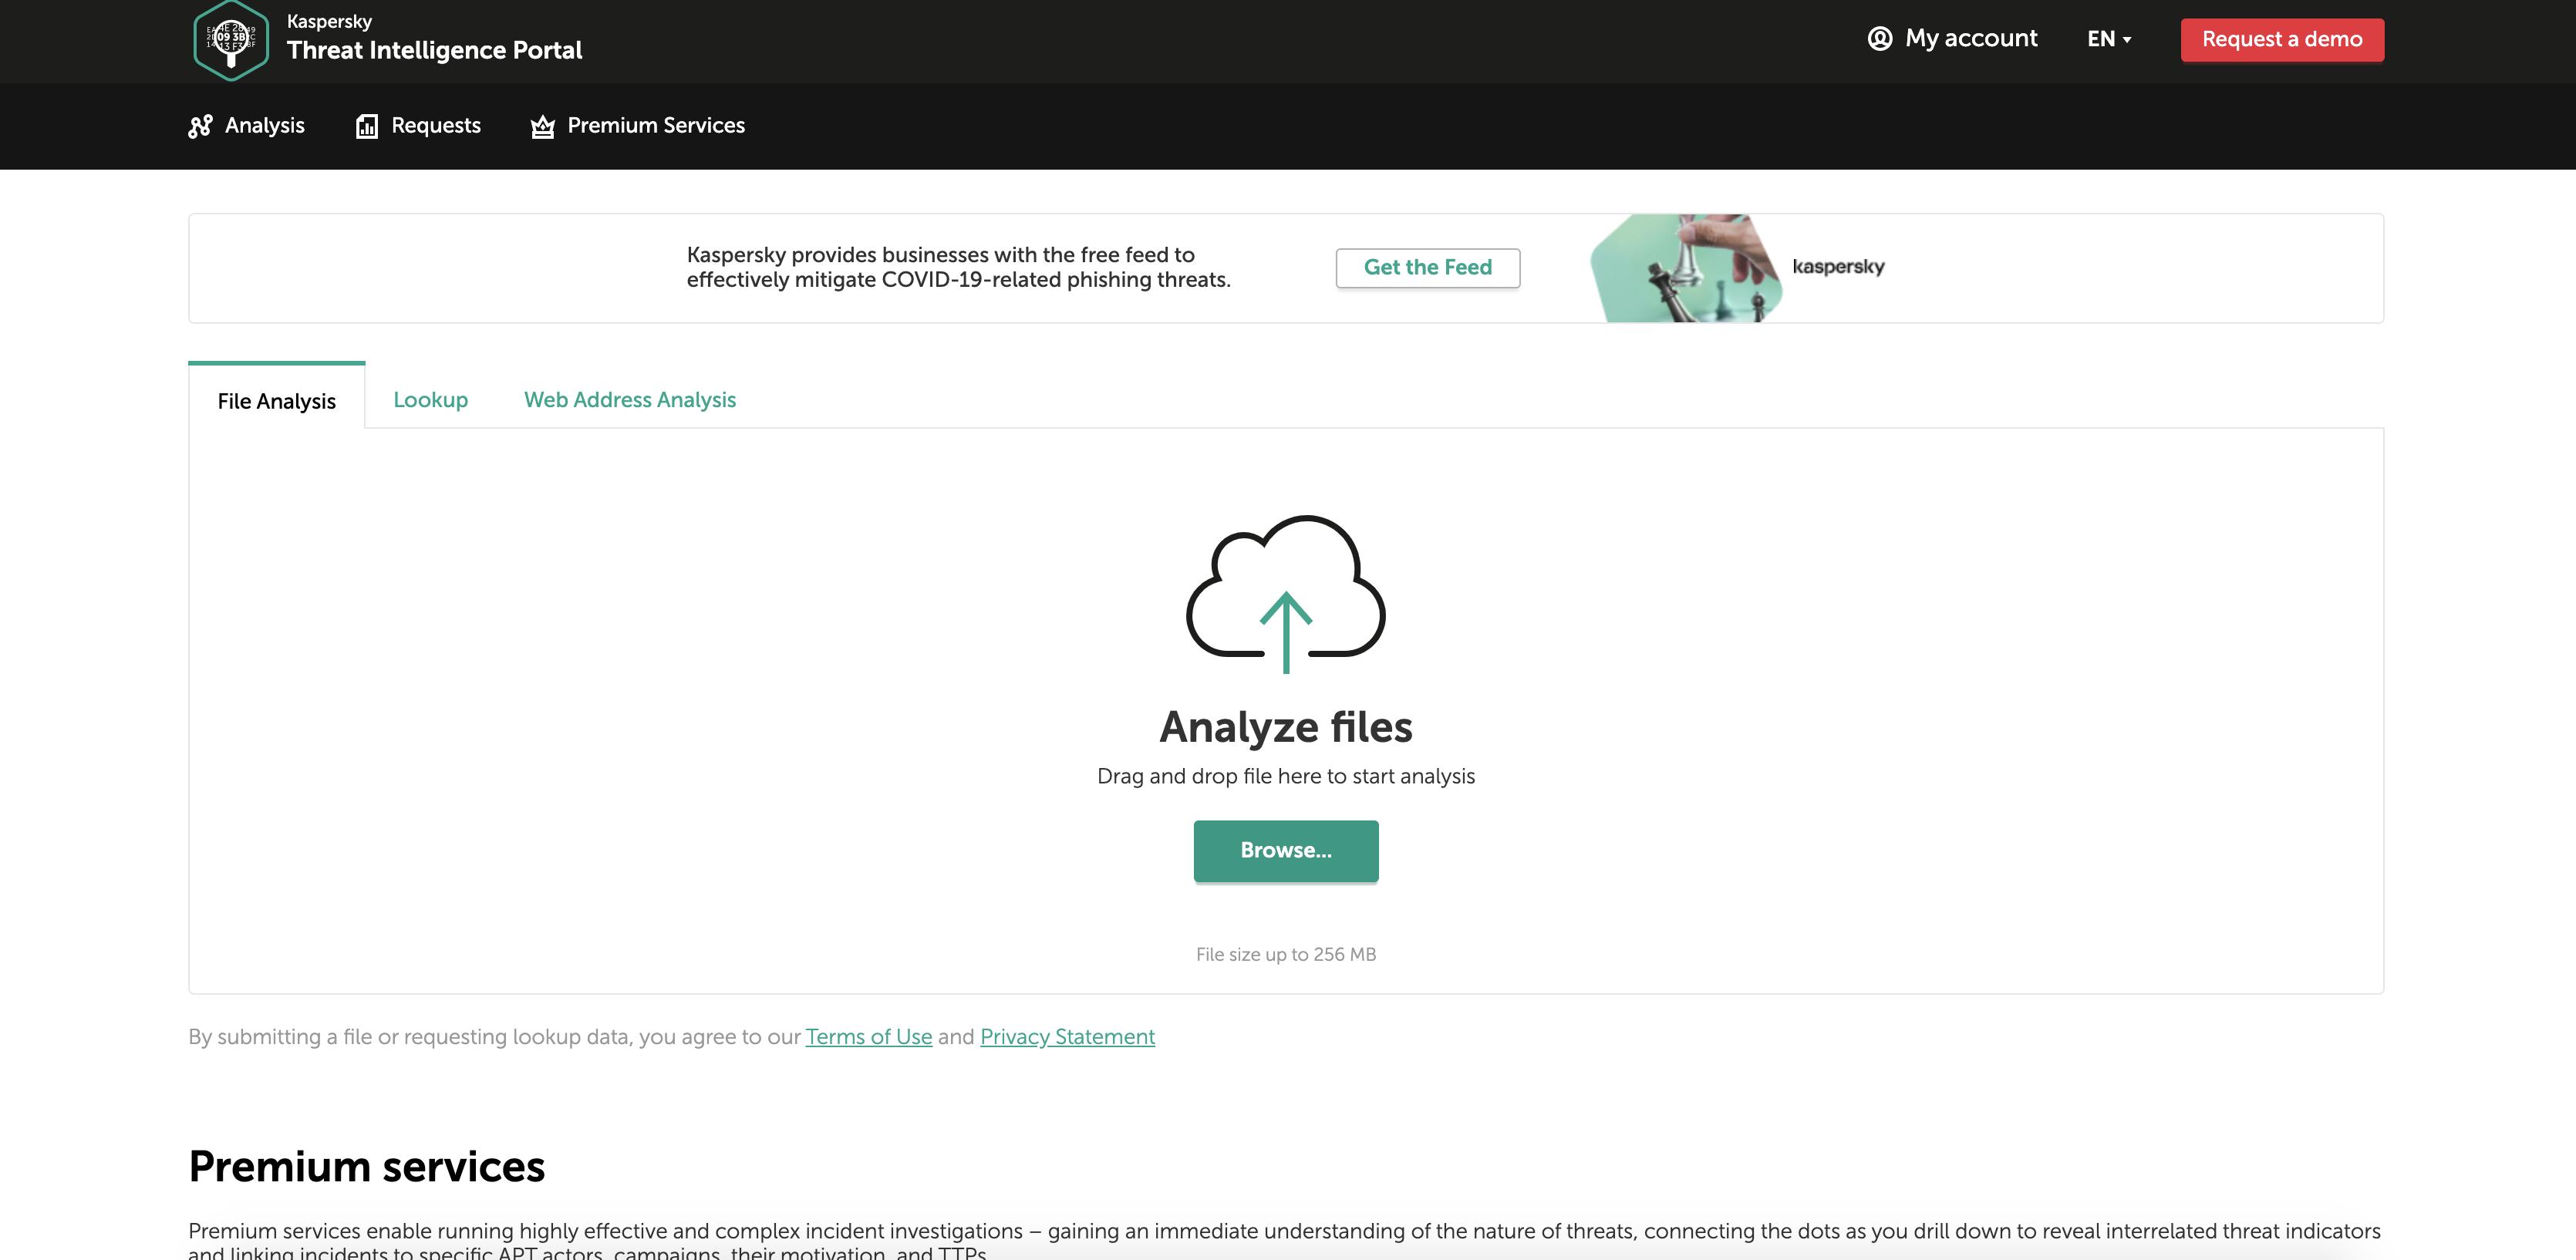 Threat Intelligence Portalの新しいインターフェイス